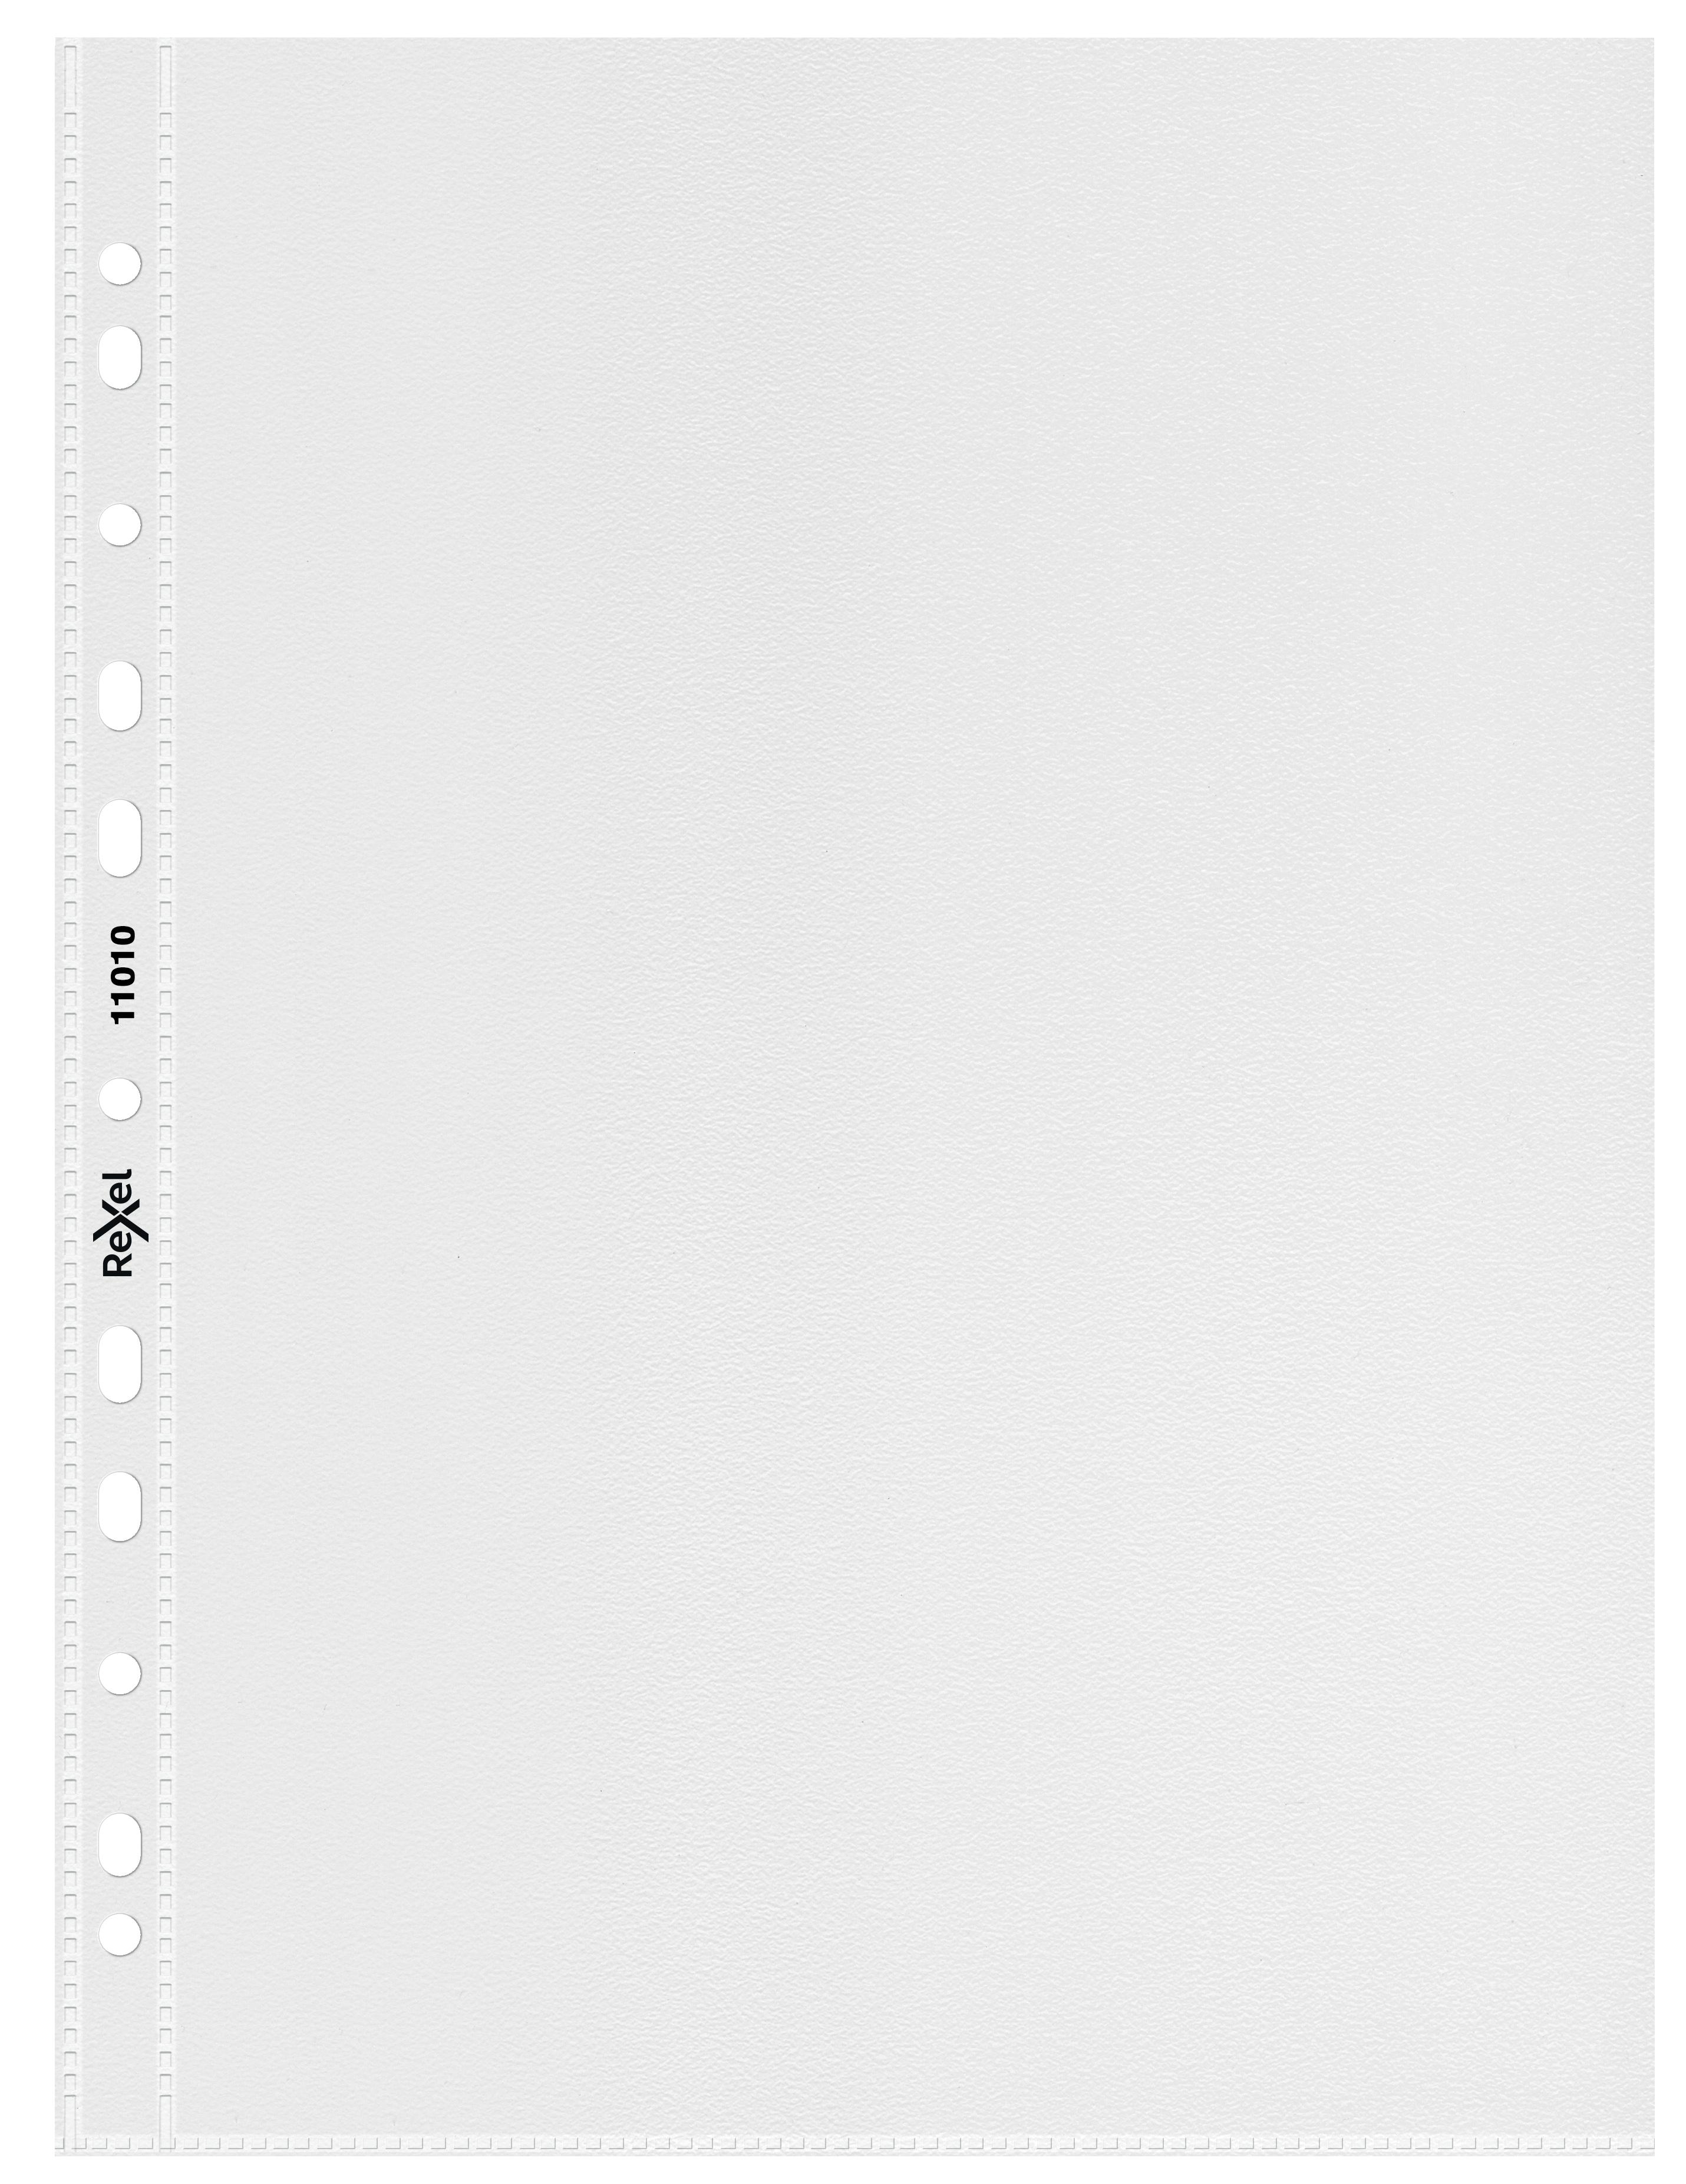 Rexel Superfine Lightweight Pocket 55 Micron A5 11010 (PK20)